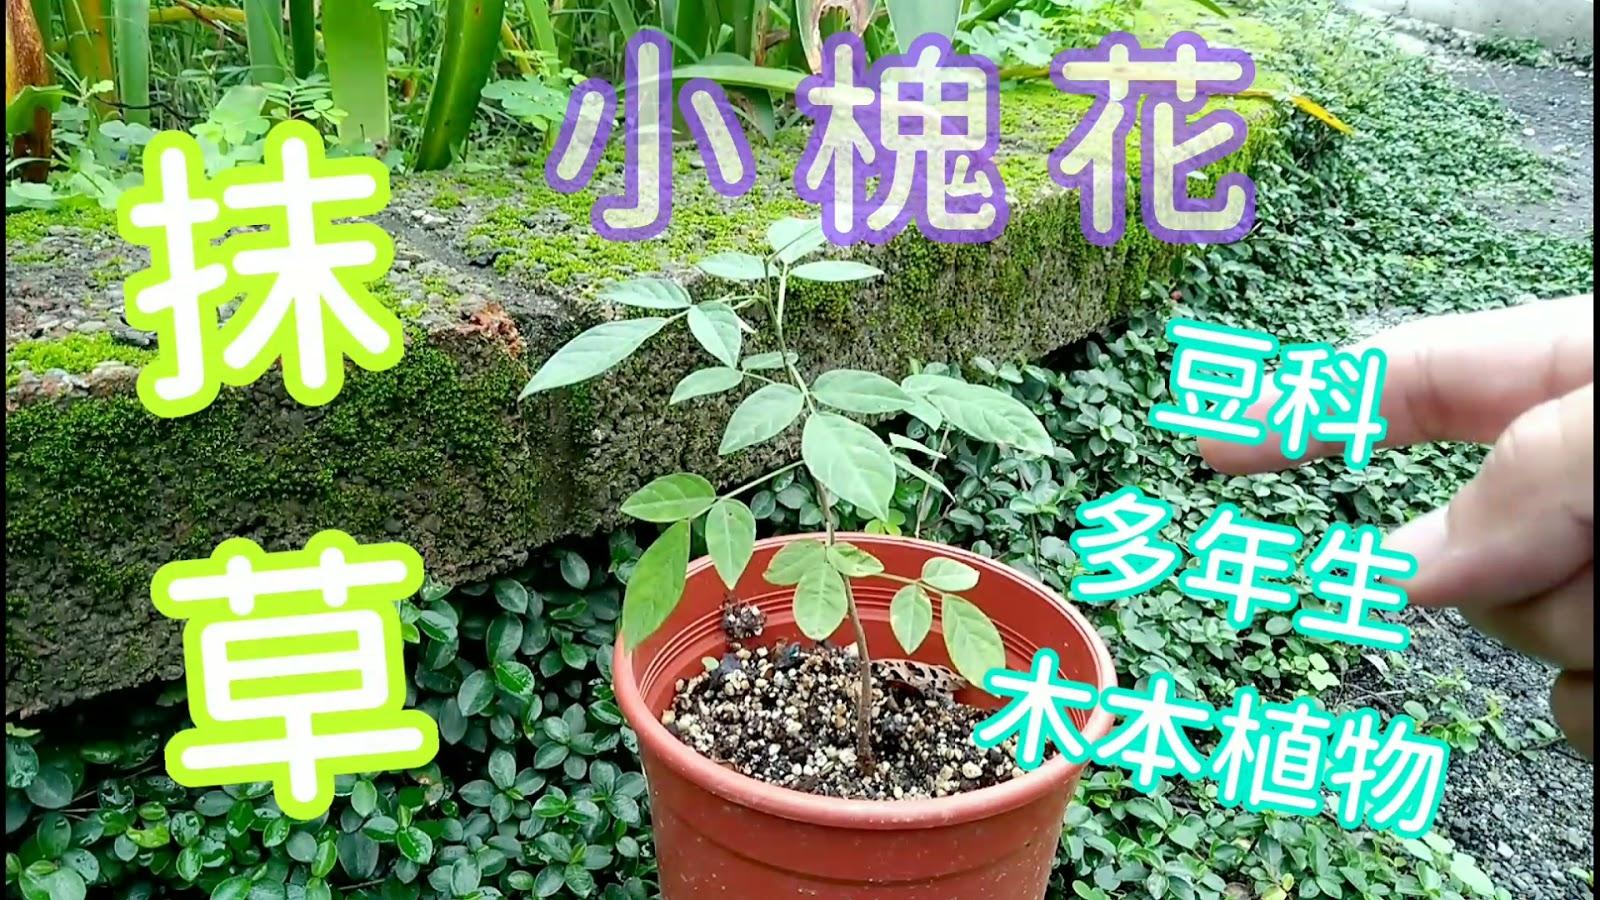 和香草說說話 talk2herb ( an EcoGarden for the Future ): 臺灣阿嬤的魔法香草【抹草】Ohwia caudata